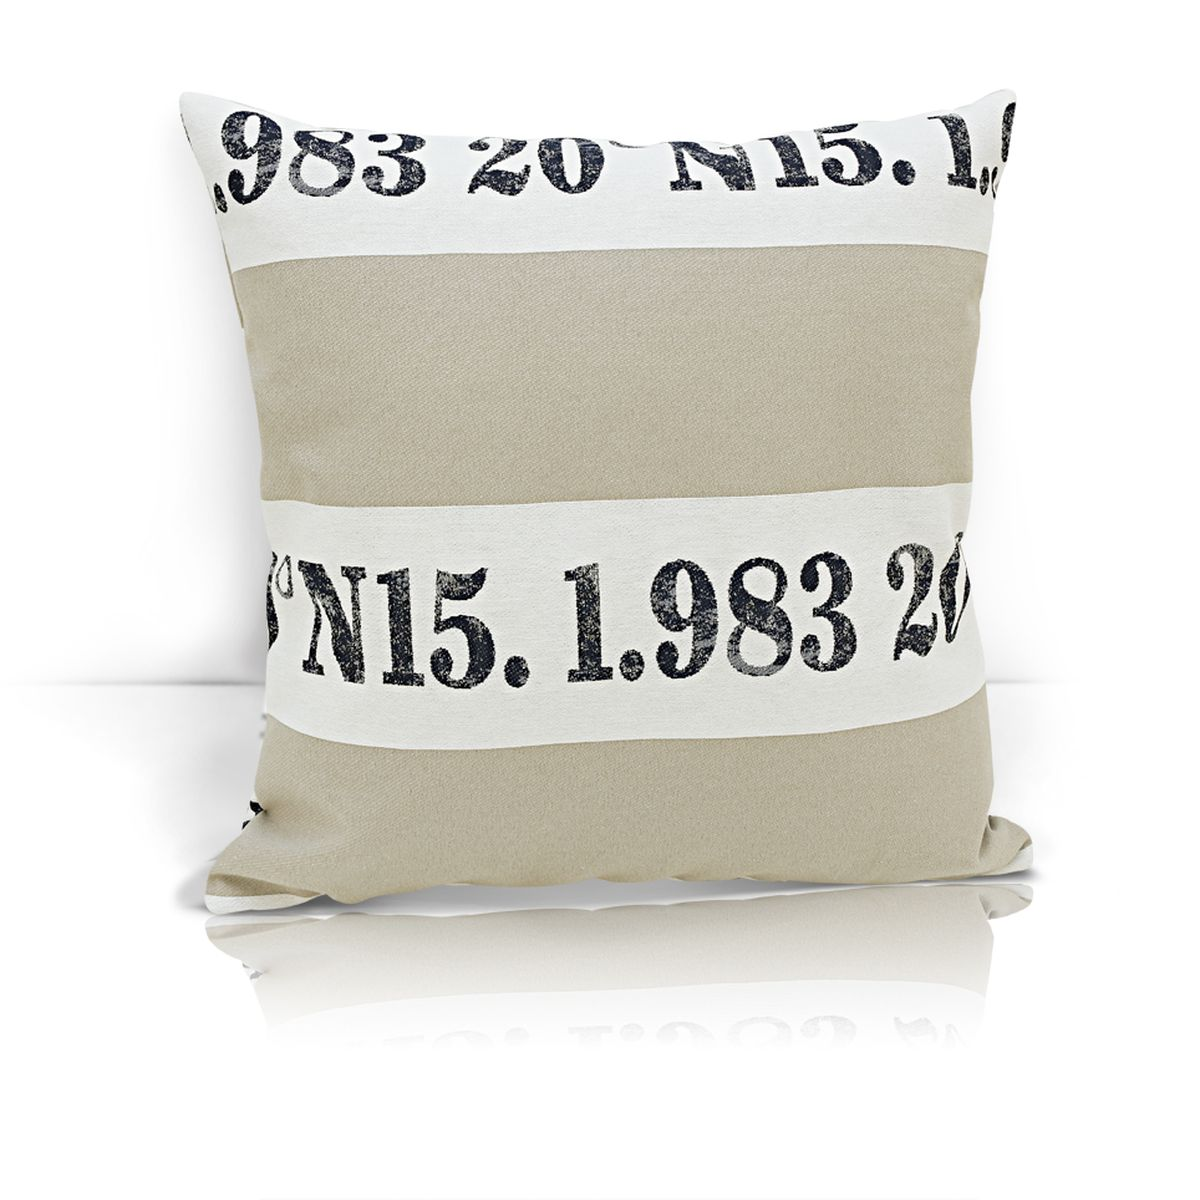 Подушка декоративная KauffOrt Лофт, 40 x 40 смS03301004Декоративная подушка Лофт прекрасно дополнит интерьер спальни или гостиной. Чехол подушки выполнен из жаккардовой ткани. Внутри находится мягкий наполнитель. Чехол легко снимается благодаря потайной молнии.